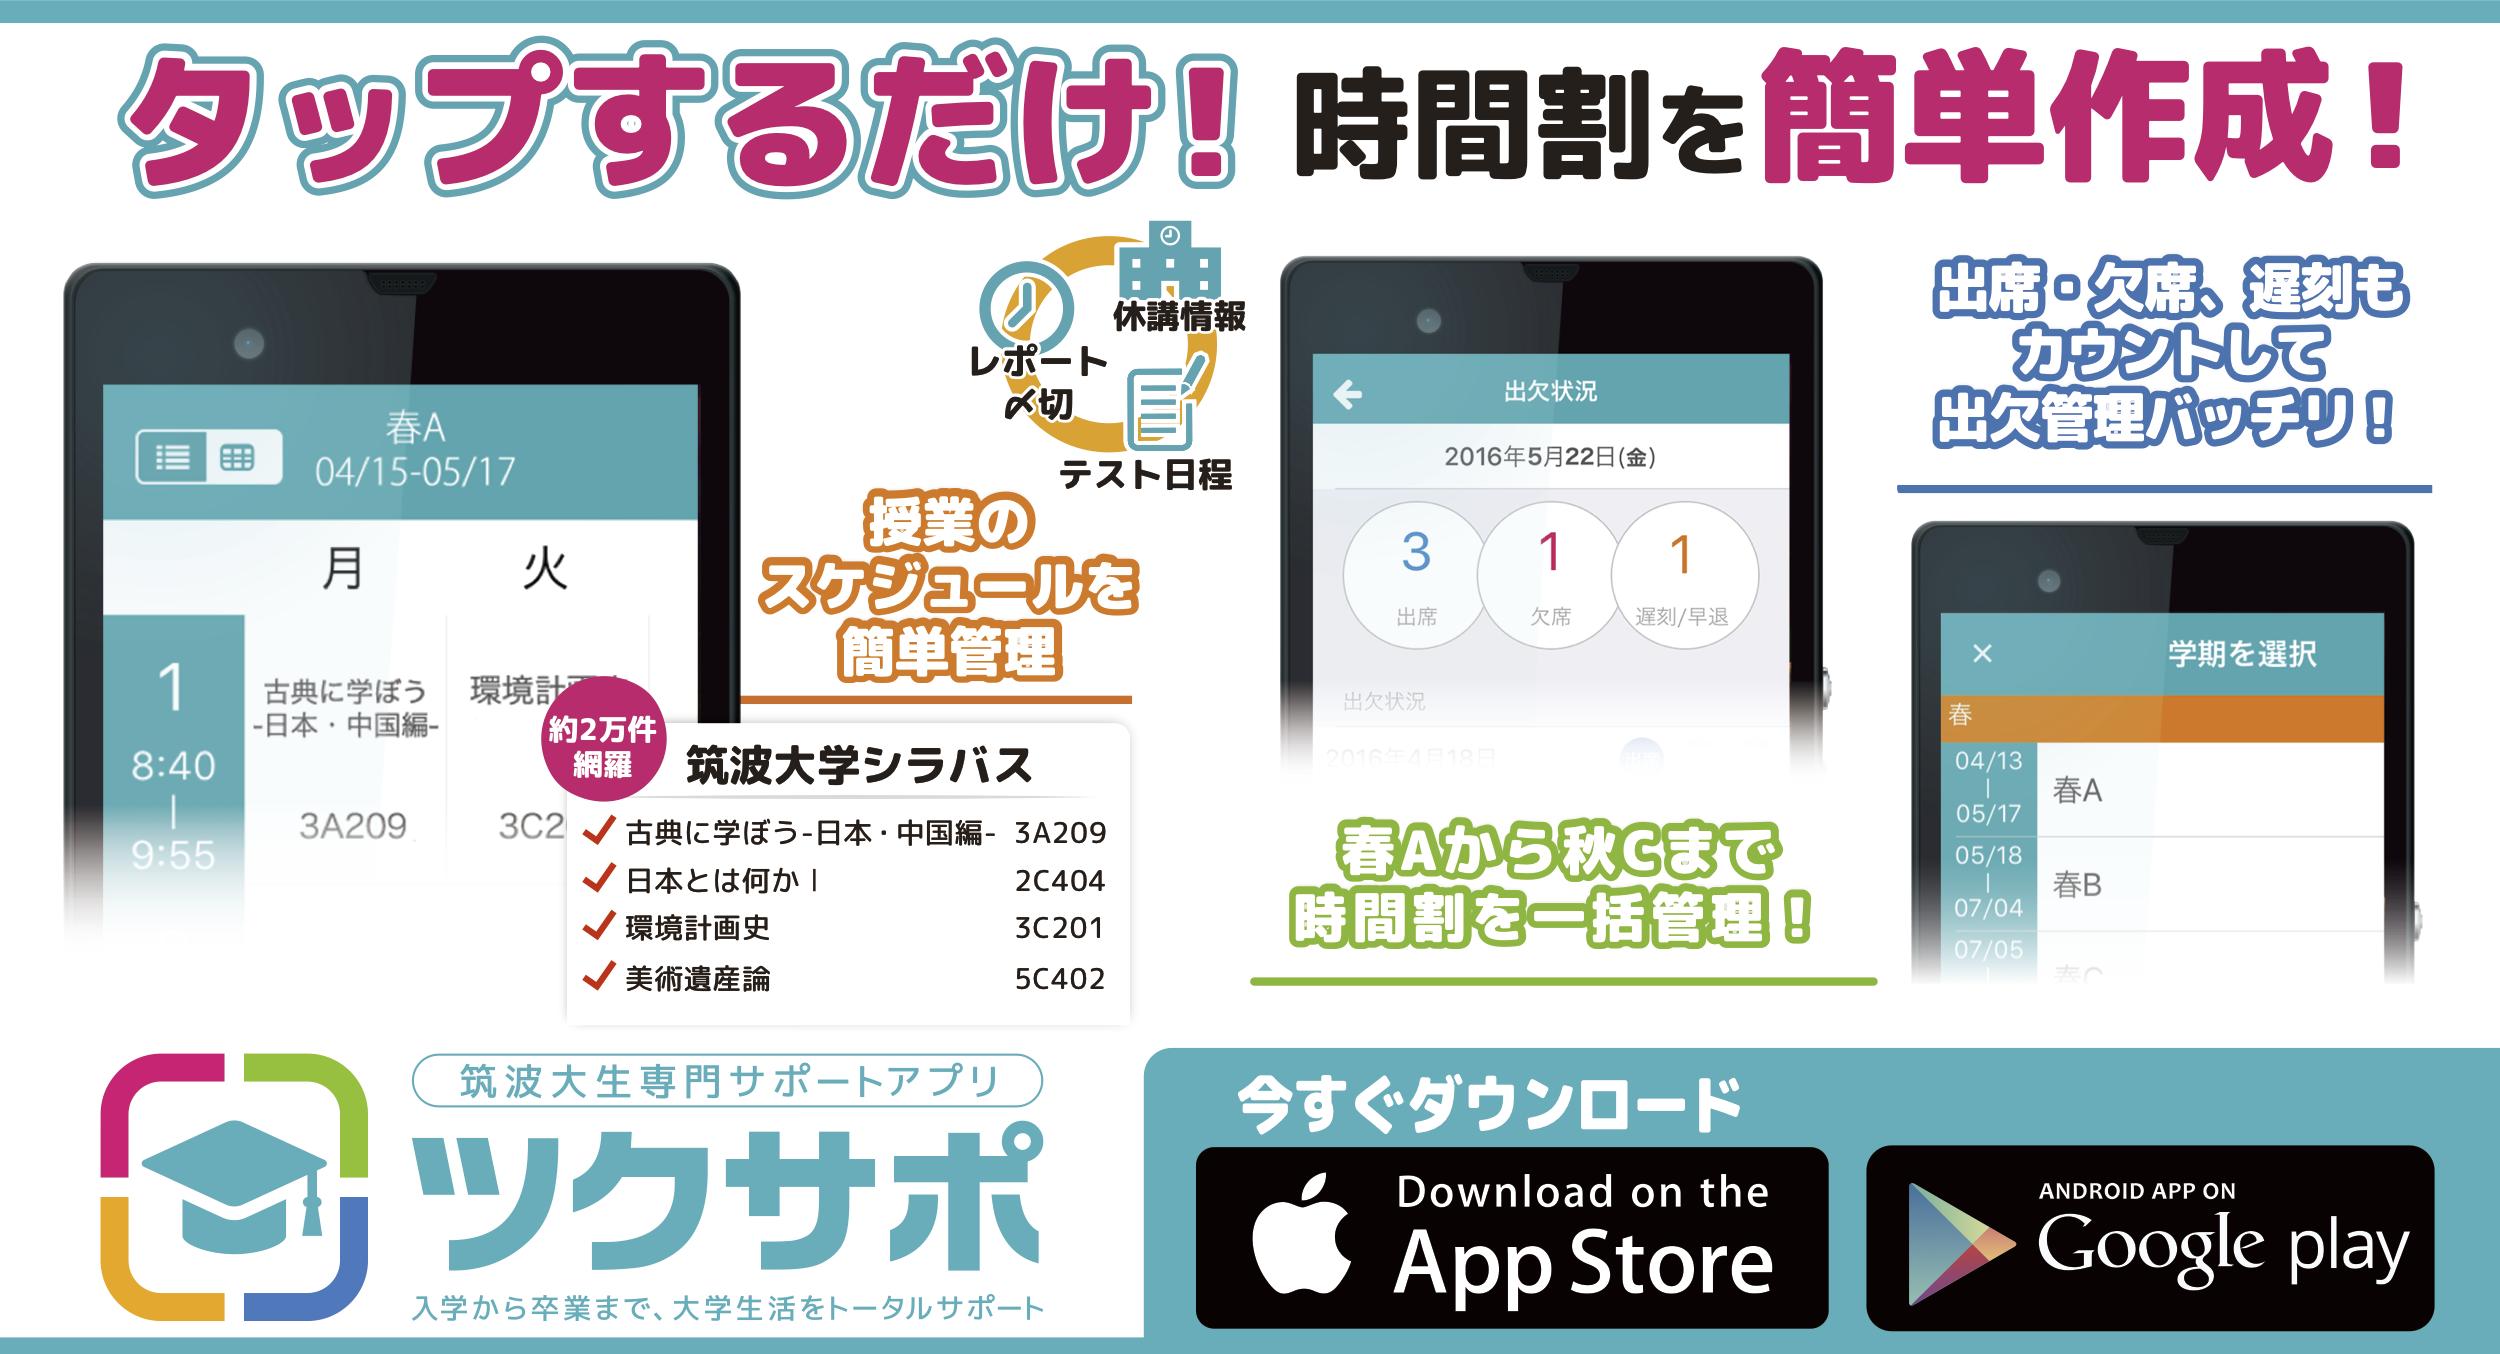 【ツクサポ】筑波大生専門サポートアプリ